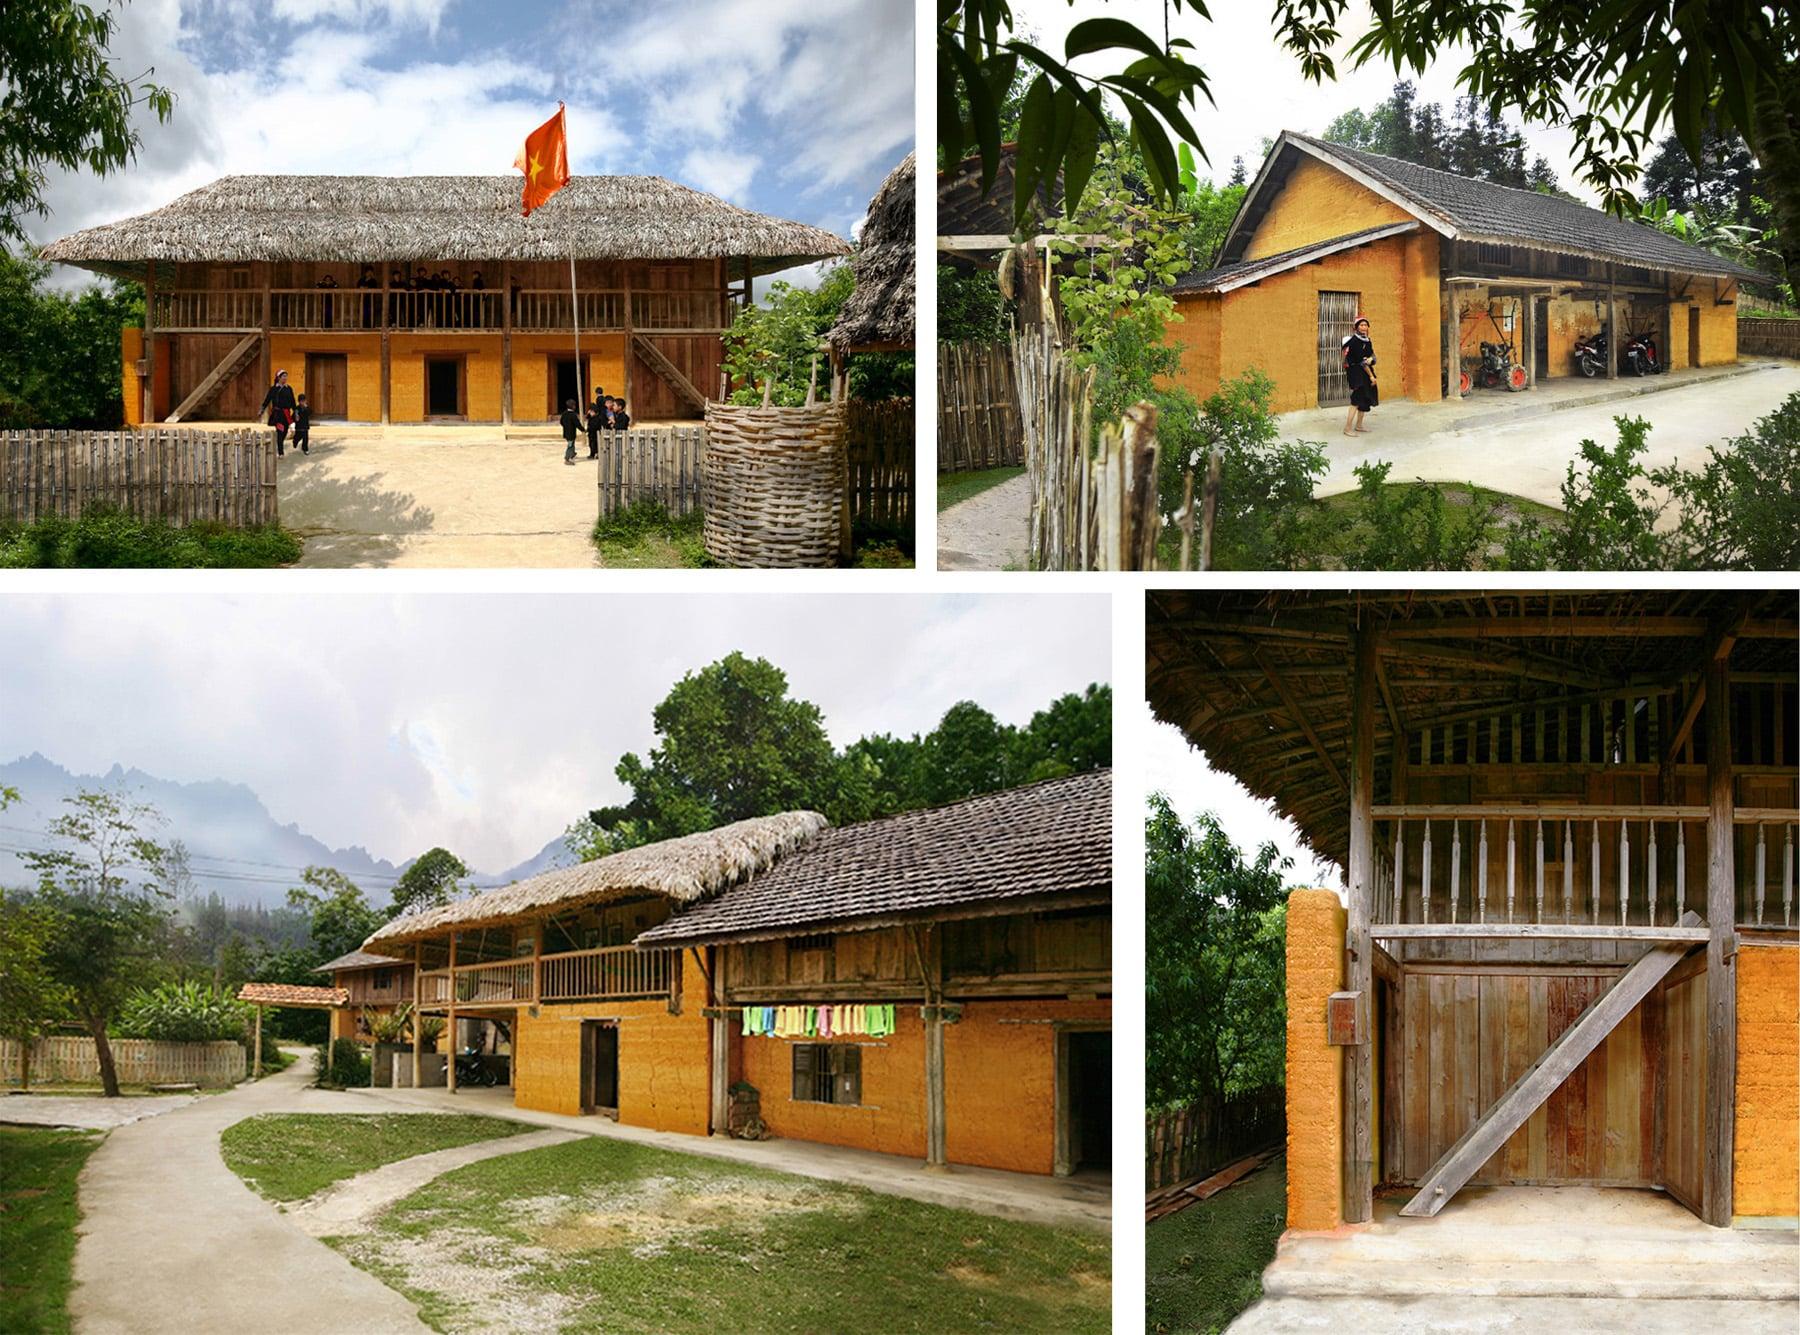 Nhà Homestay - Không gian cộng đồng Nậm Đăm - Hà Giang - Tạp chí Kiến Trúc